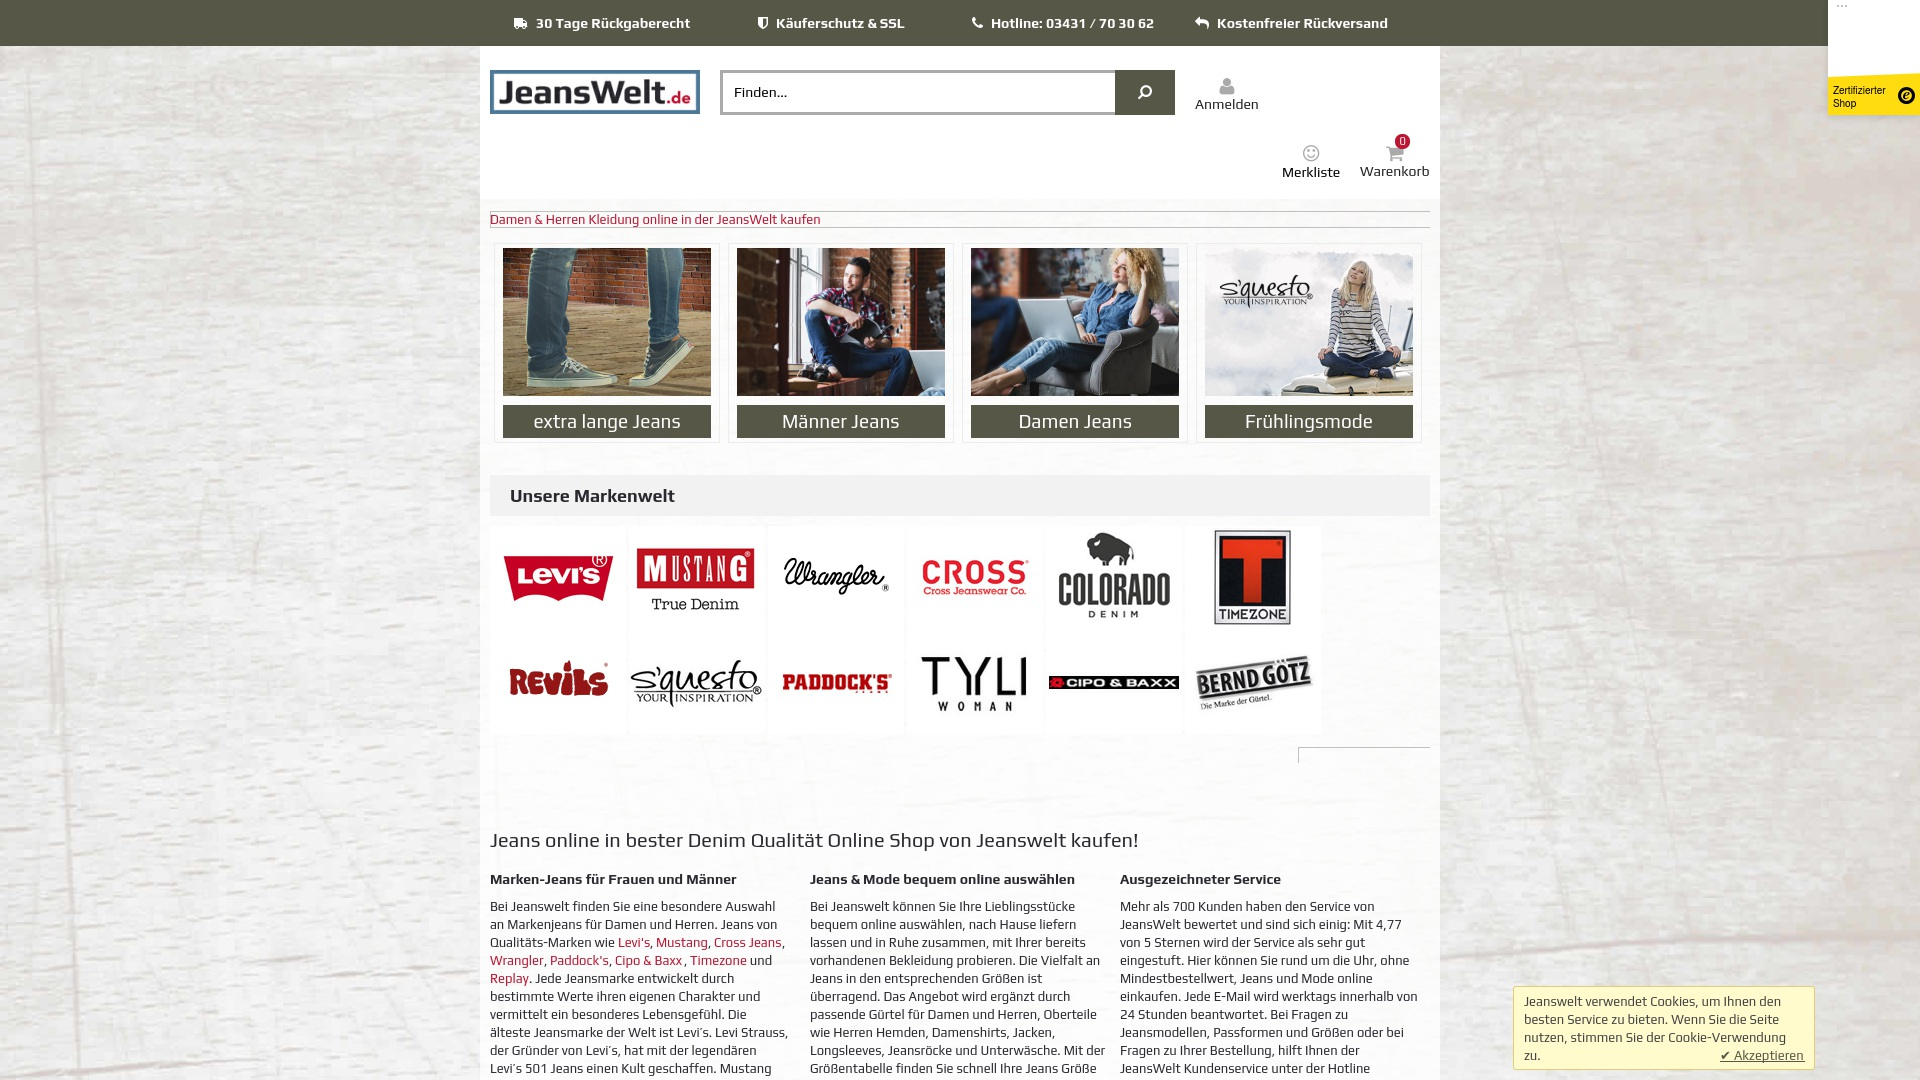 Geld zurück bei Jeanswelt: Jetzt im Oktober 2021 Cashback für Jeanswelt sichern